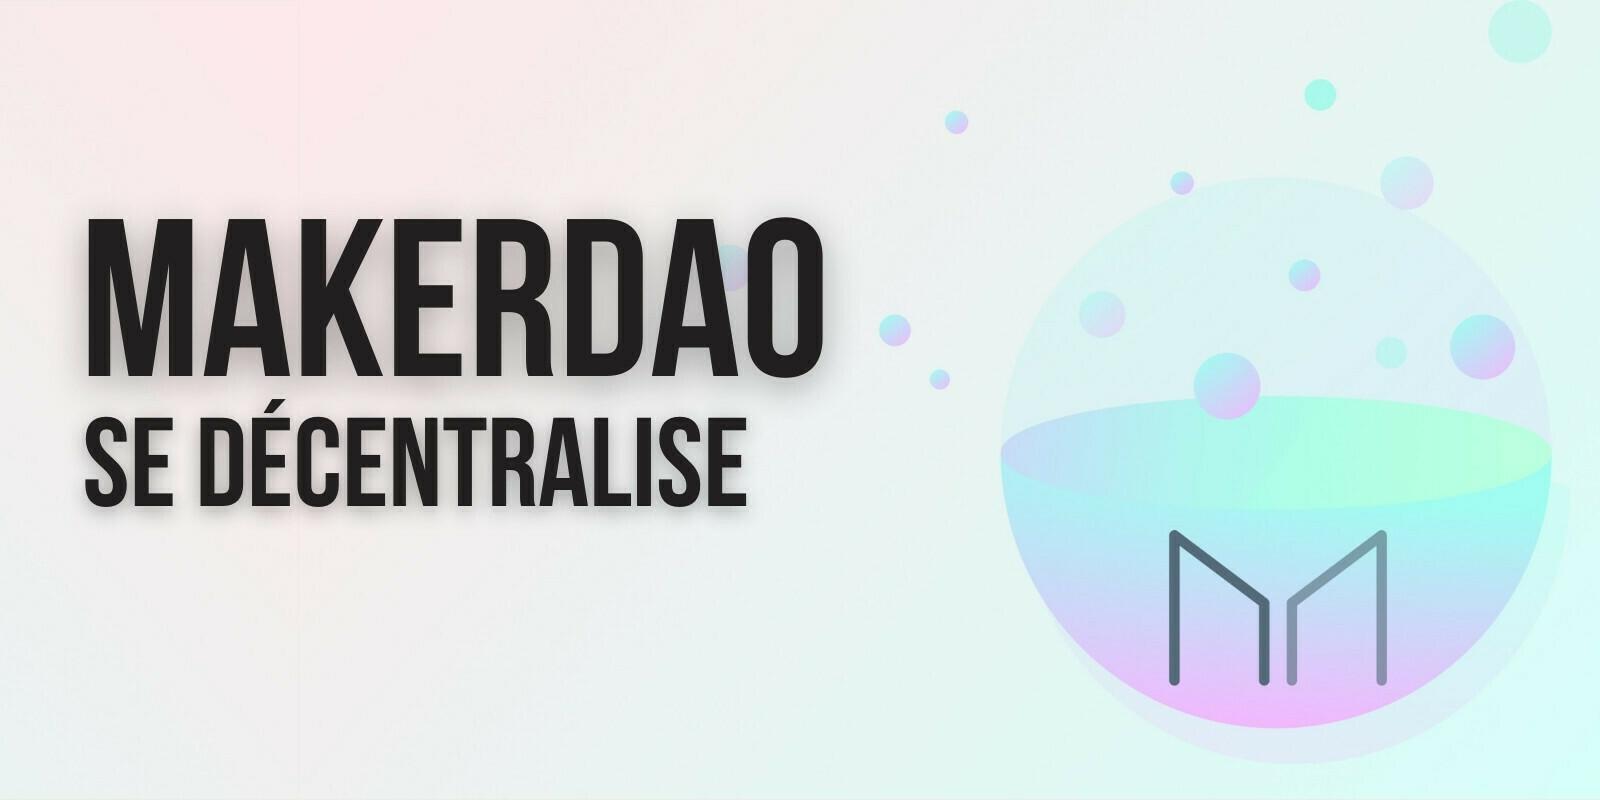 Le projet MakerDAO (MKR) se décentralise complètement – La Fondation dissoute prochainement